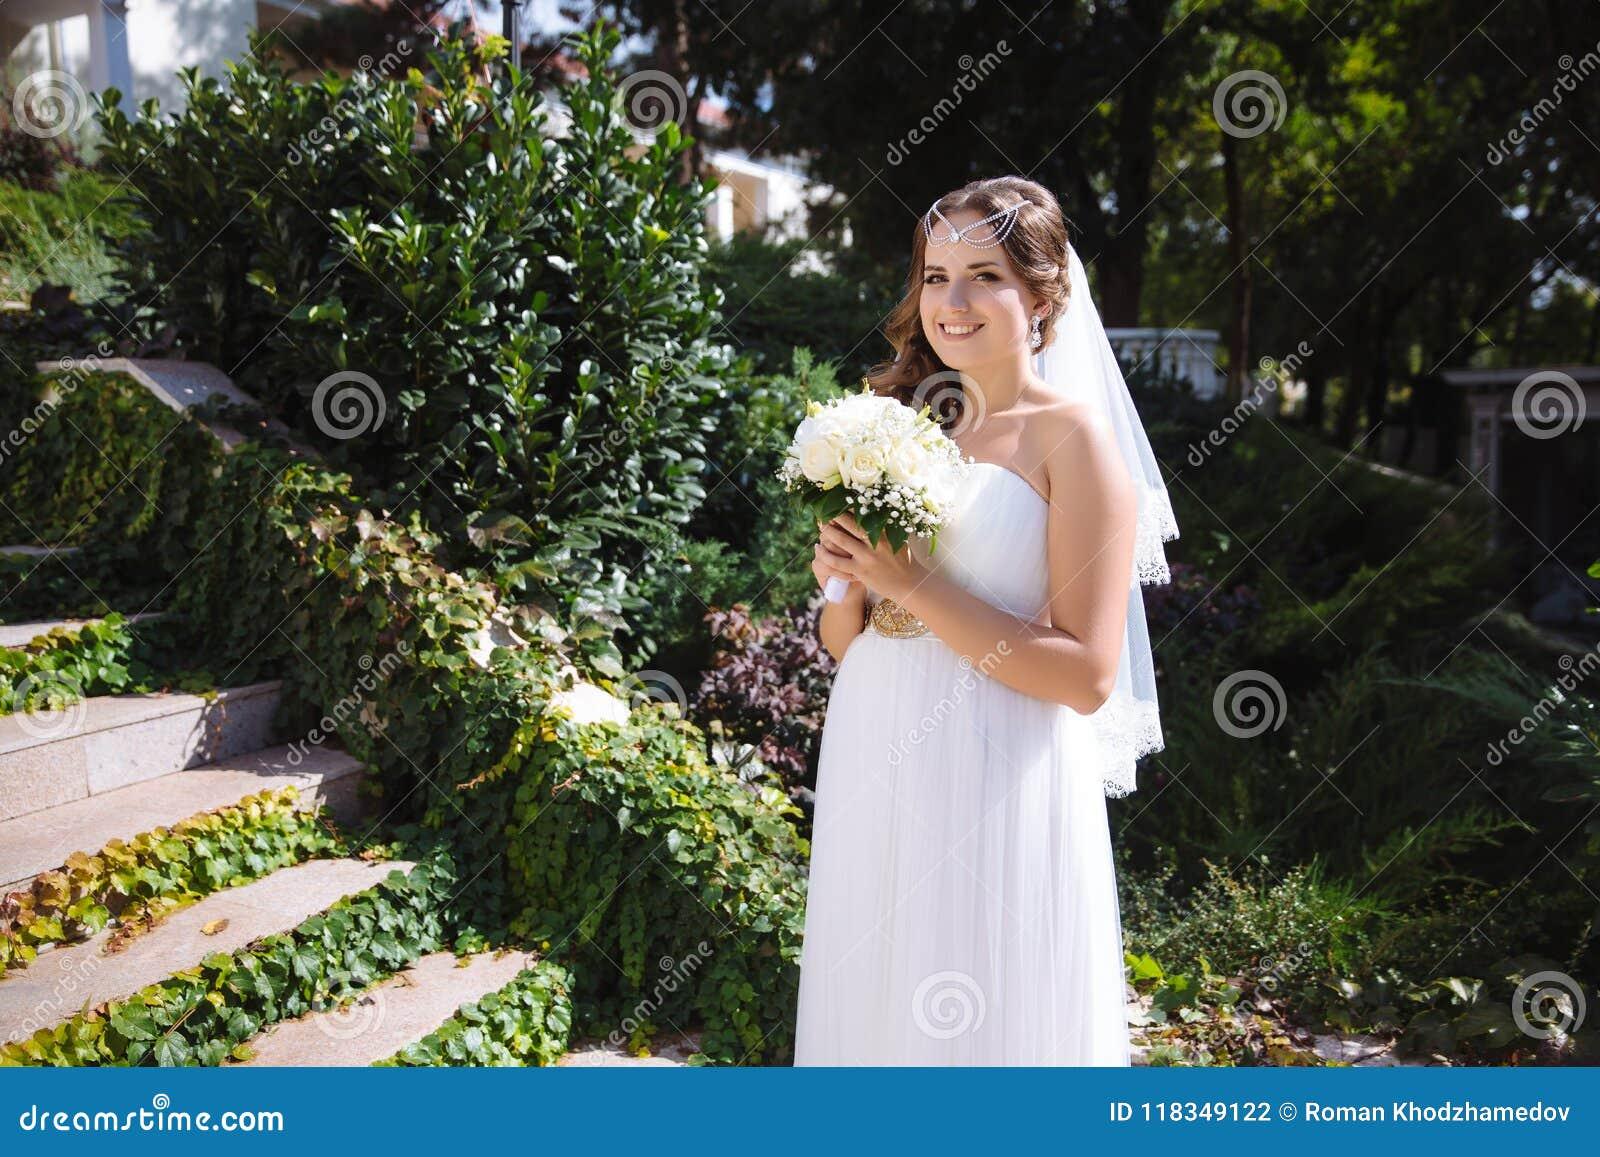 362cc9b84 Una novia embarazada de la clase europea presenta con un ramo de rosas  blancas